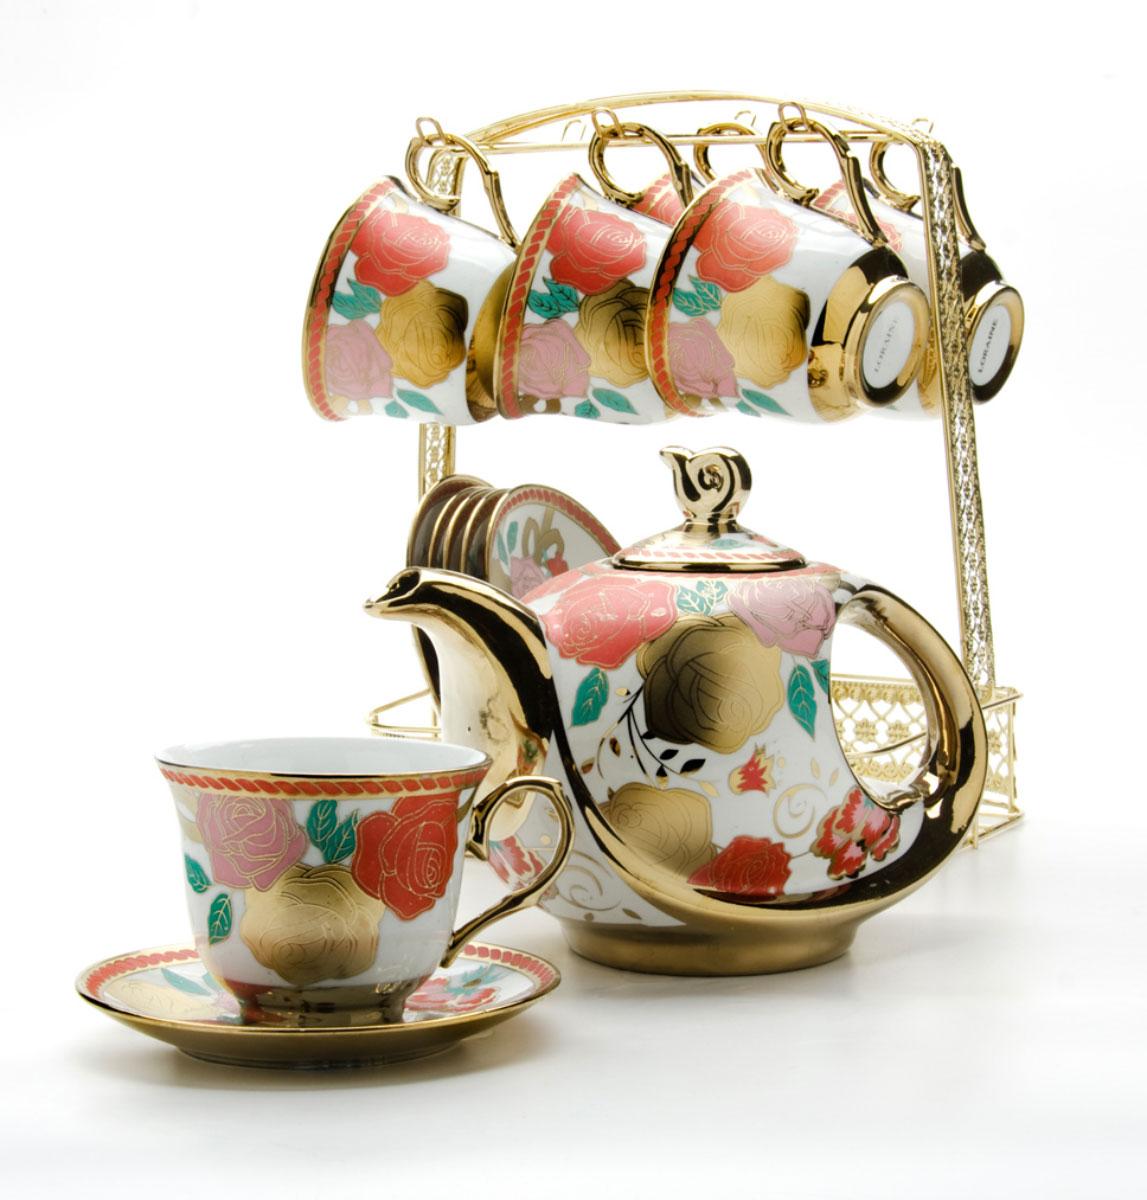 Набор чайный Loraine, на подставке, 15 предметов. 2478424784Чайный набор LORAINE состоит из шести чашек, шести блюдец и заварочного чайника. Предметы набора изготовлены из керамики и оформлены изображением цветов и бабочек. Все предметы располагаются на удобной металлической подставке с ручкой. Элегантный дизайн набора придется по вкусу и ценителям классики, и тем, кто предпочитает утонченность и изысканность. Он настроит на позитивный лад и подарит хорошее настроение с самого утра. Чайный набор LORAINE идеально подойдет для сервировки стола и станет отличным подарком к любому празднику.